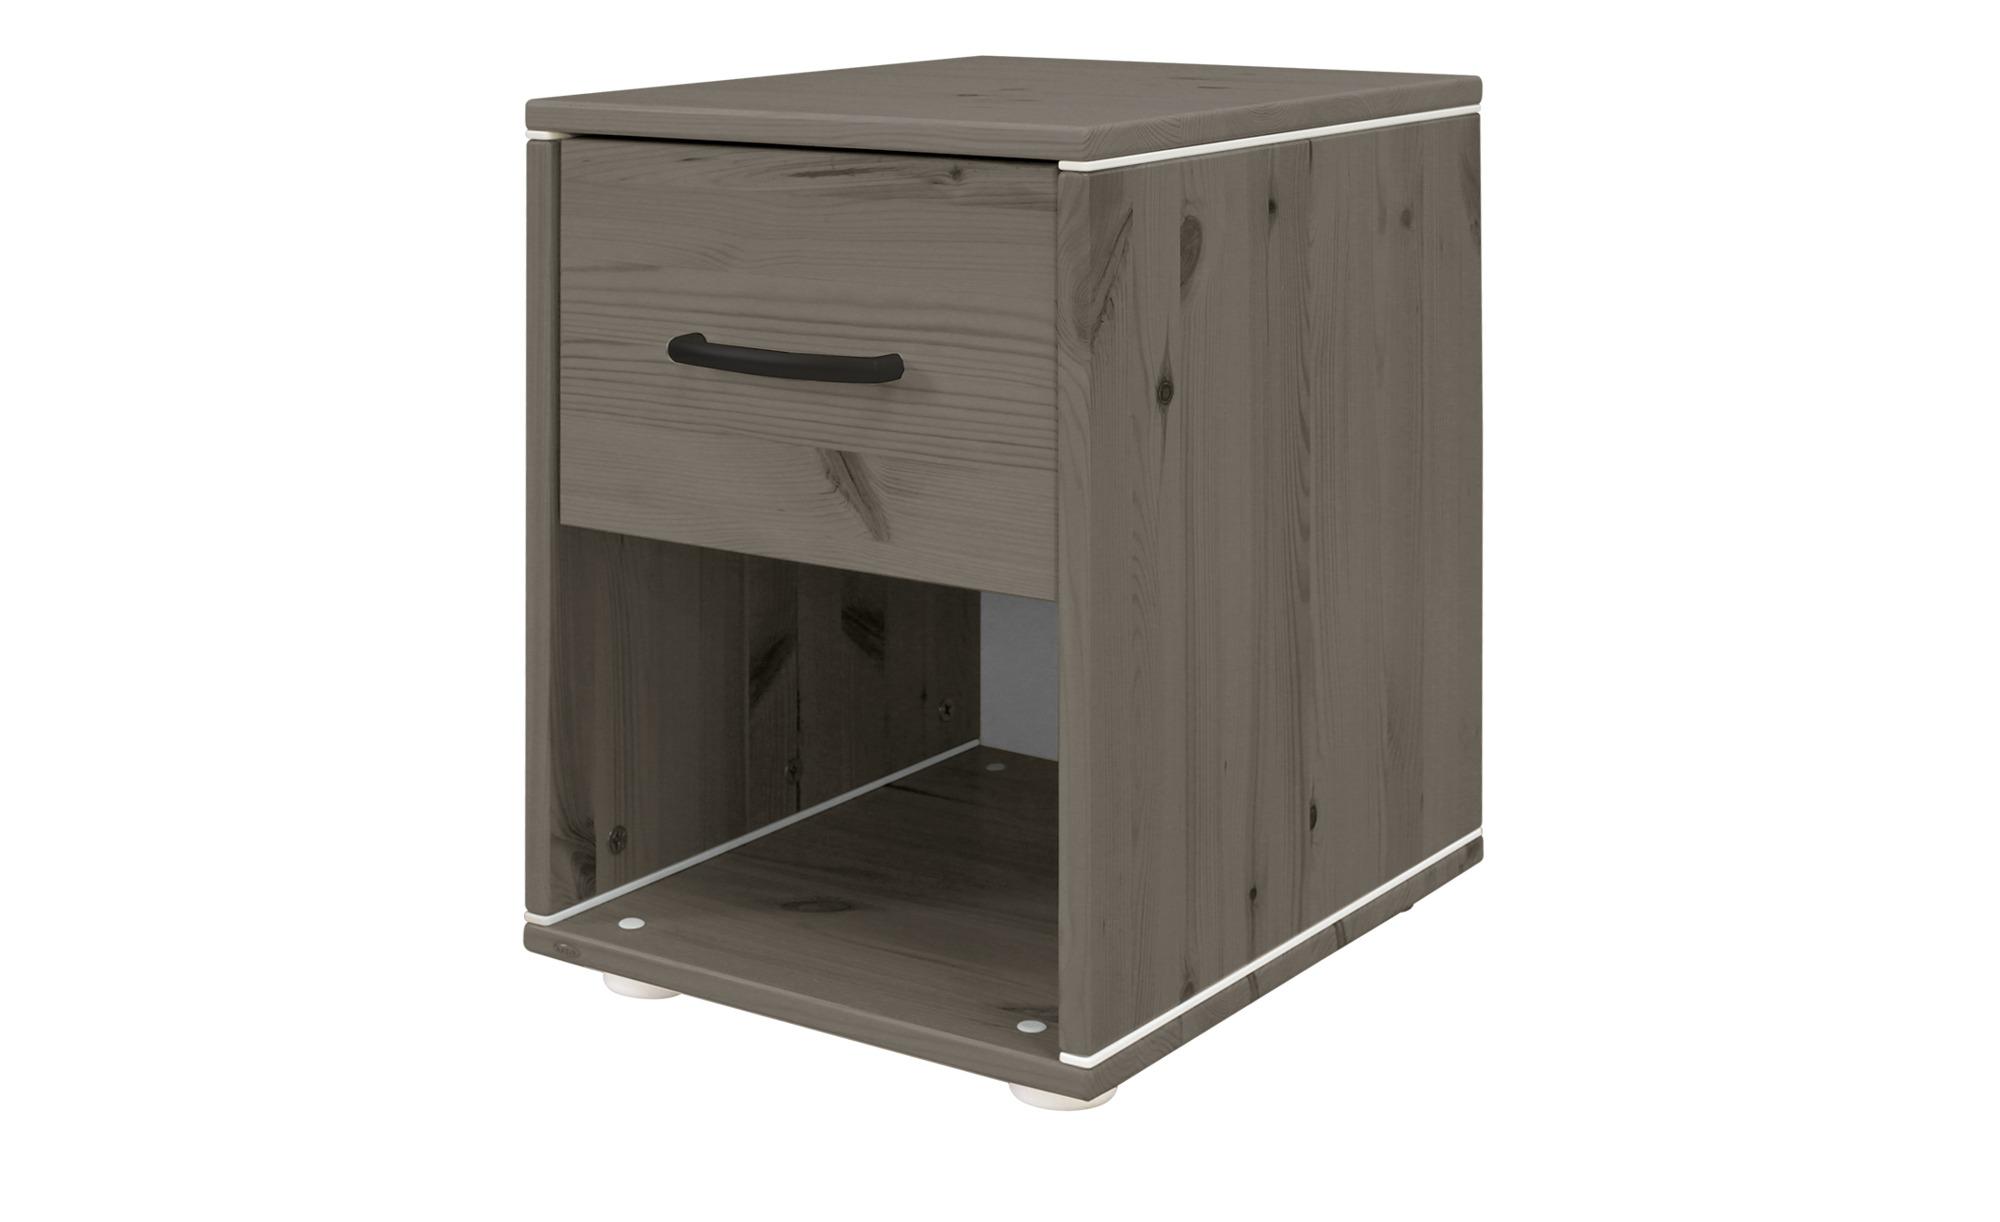 FLEXA Container  Flexa Classic Aufbewahrung ¦ Maße (cm): B: 36 H: 51,7 T: 43,5 Schränke > Rollcontainer - Höffner